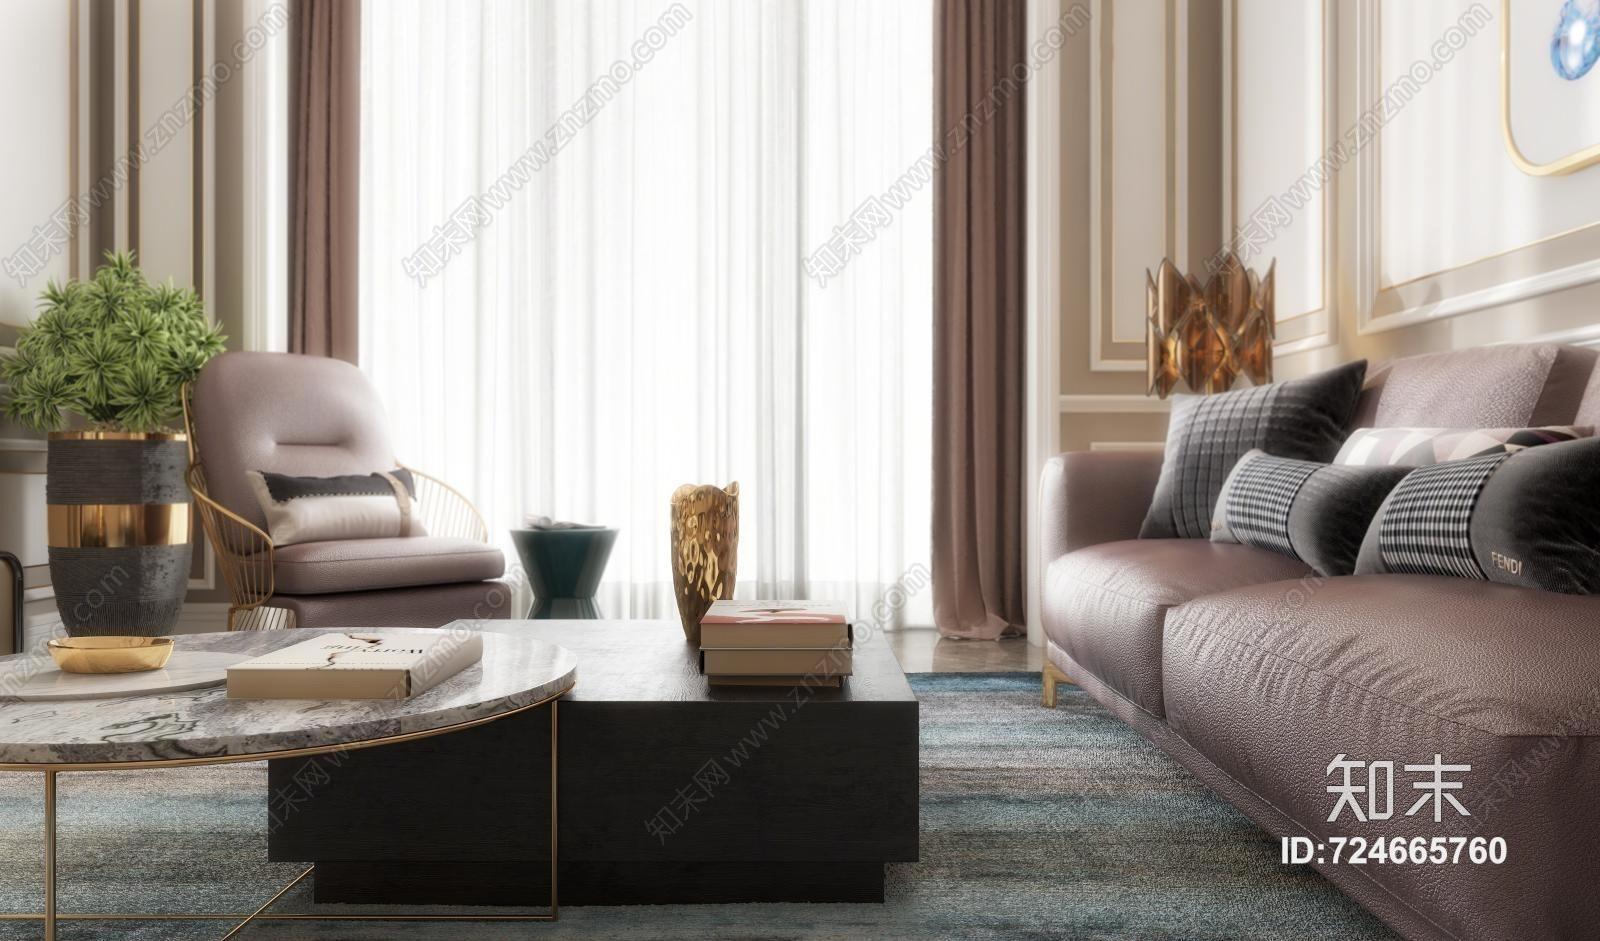 现代轻奢客厅 餐桌椅 沙发茶几 吊灯 桌面摆件 挂画